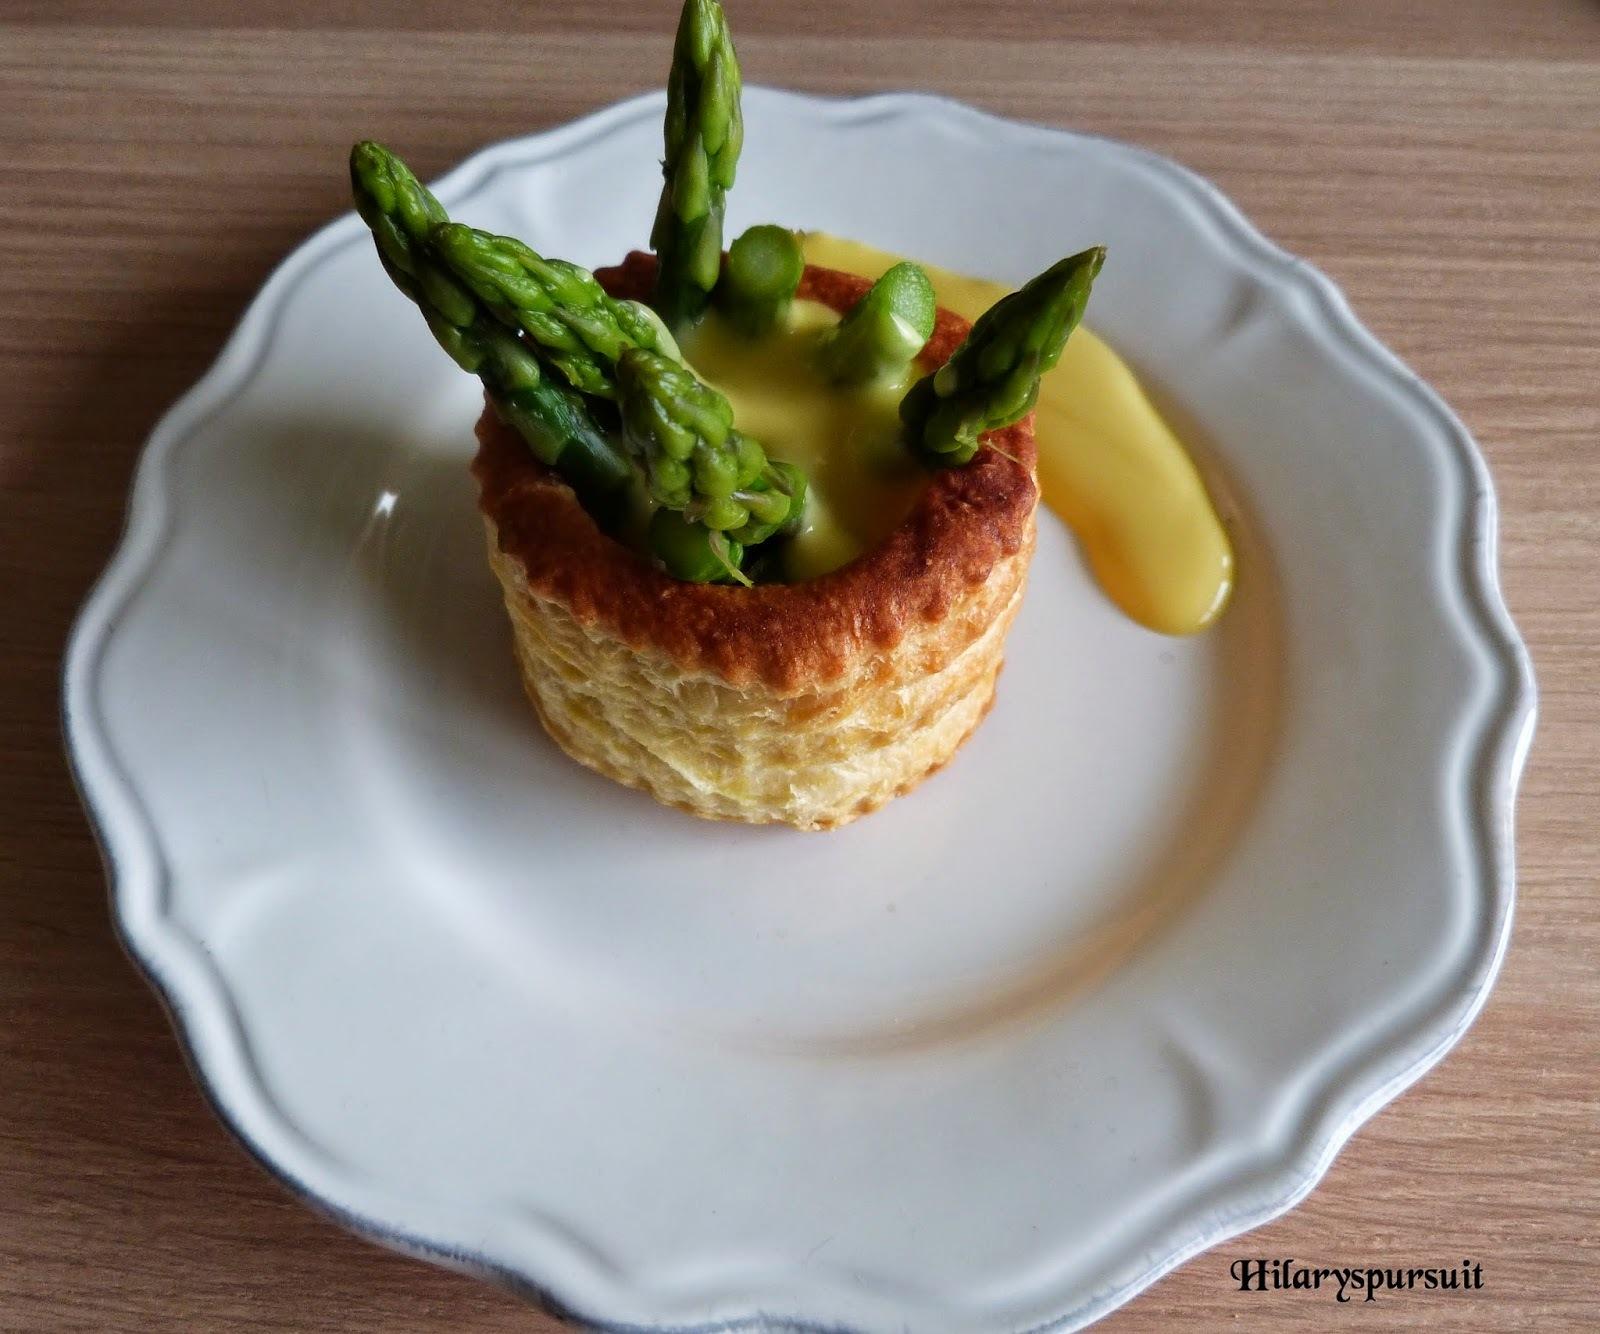 [Spécial Pâques] Vol-au-vent aux asperges et sa sauce hollandaise / Asparagus and Hollandaise sauce in its puff pastry shell